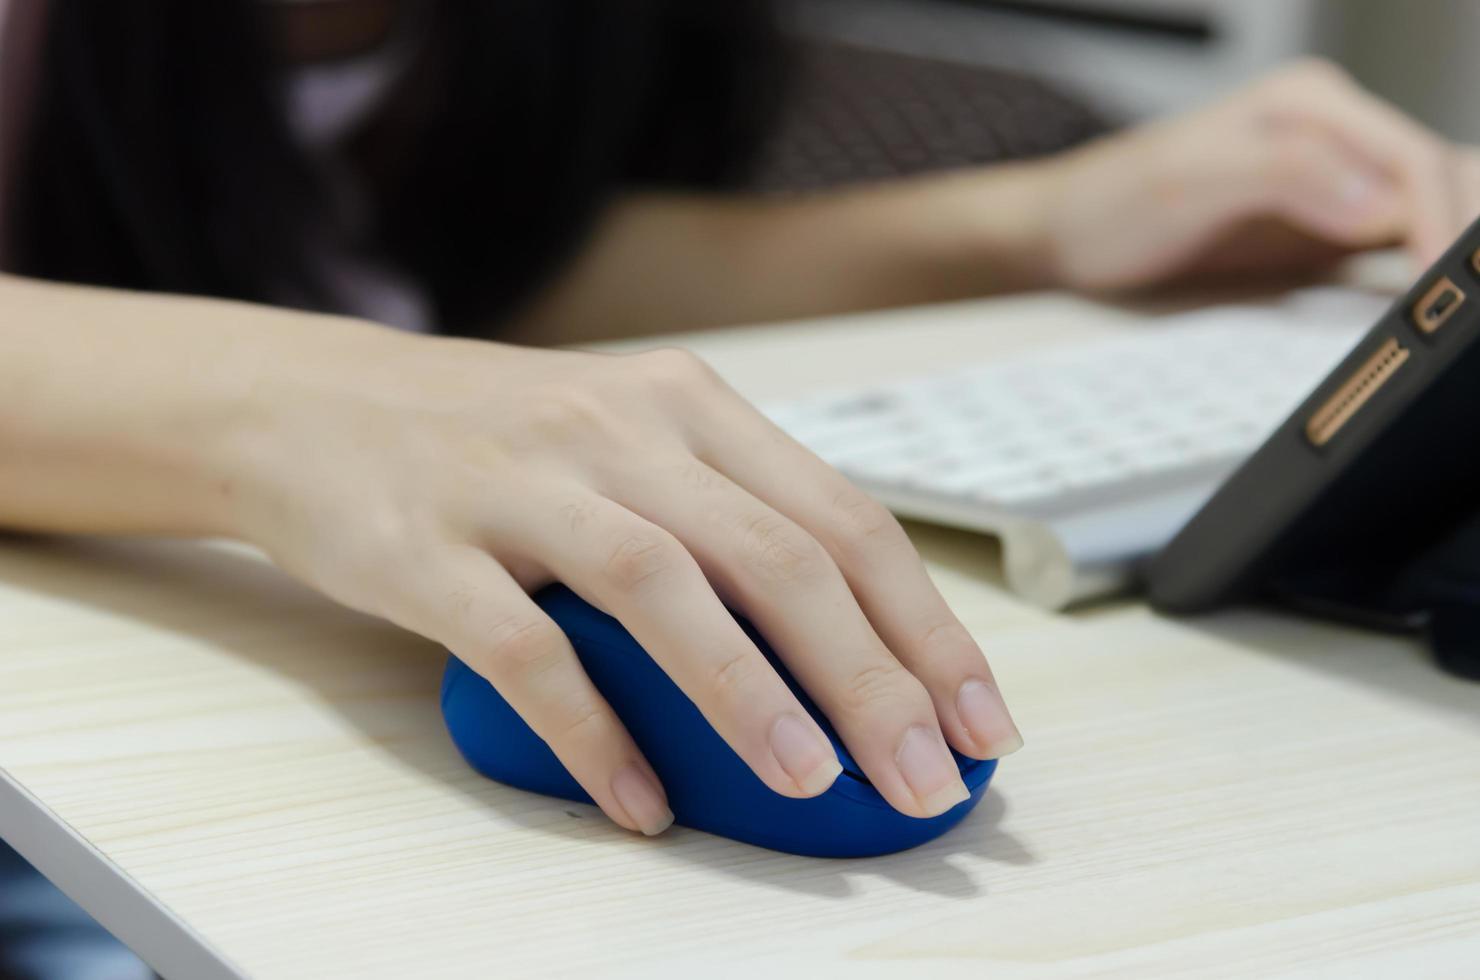 en flickas hand som håller en blå datormus foto